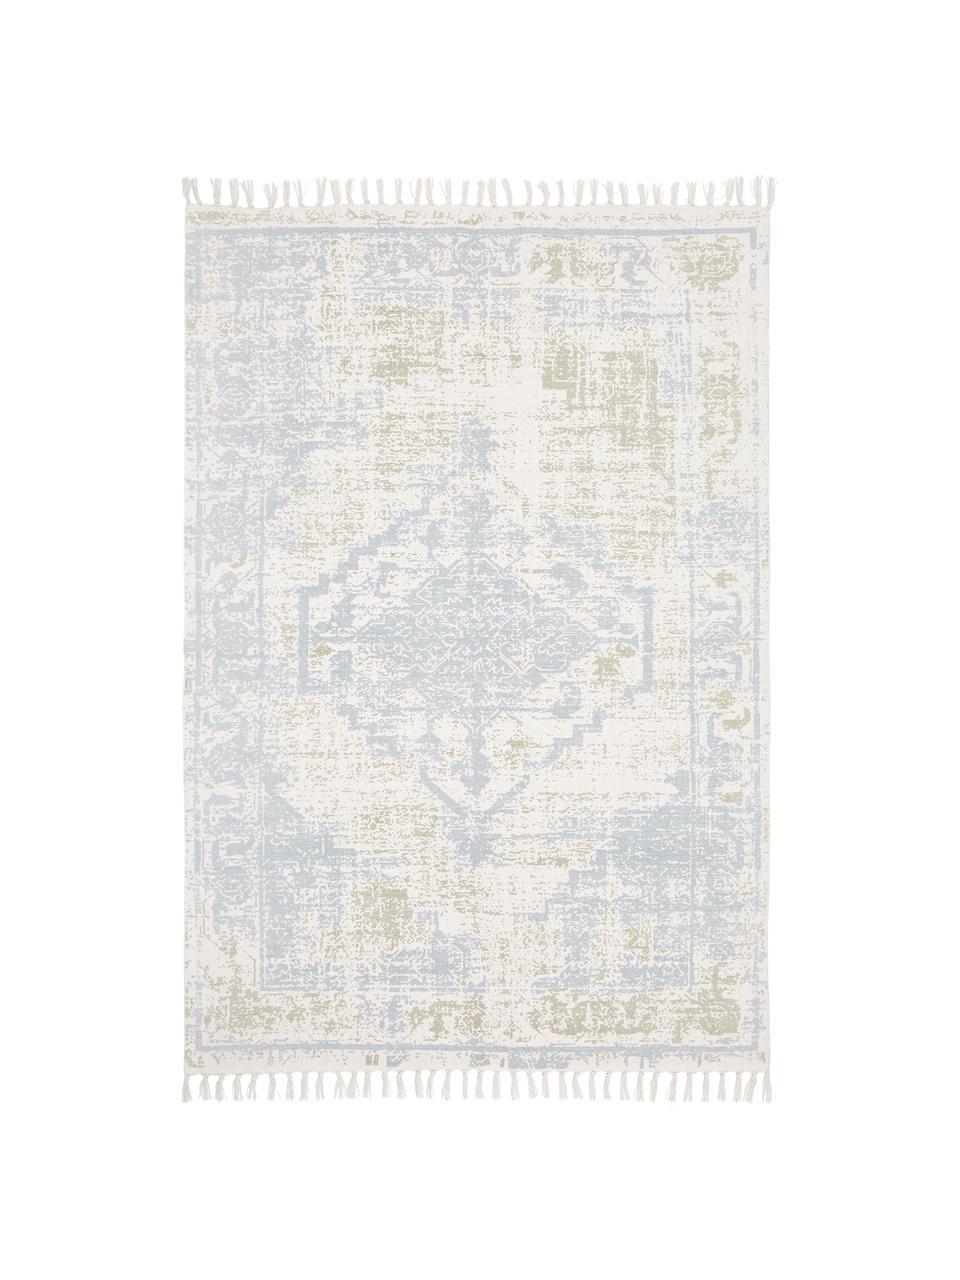 Dünner Baumwollteppich Jasmine in Beige/Blau im Vintage-Style, handgewebt, Beige, Blau, B 70 x L 140 cm (Größe XS)